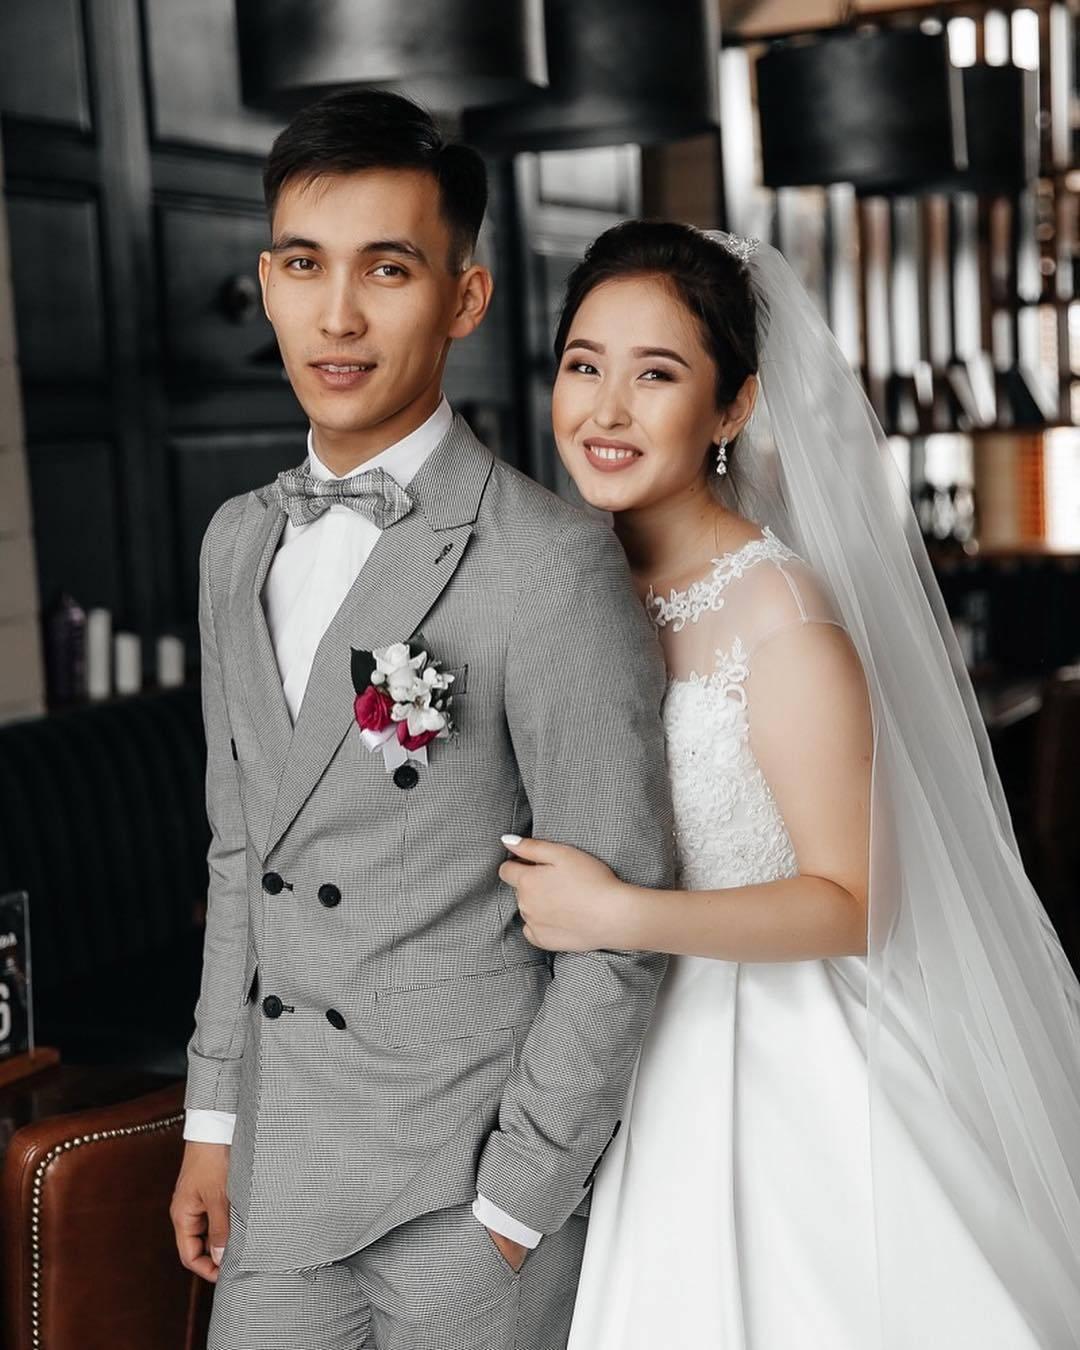 Красивая свадьба в цвете айвори: как оформить с учетом всех нюансов